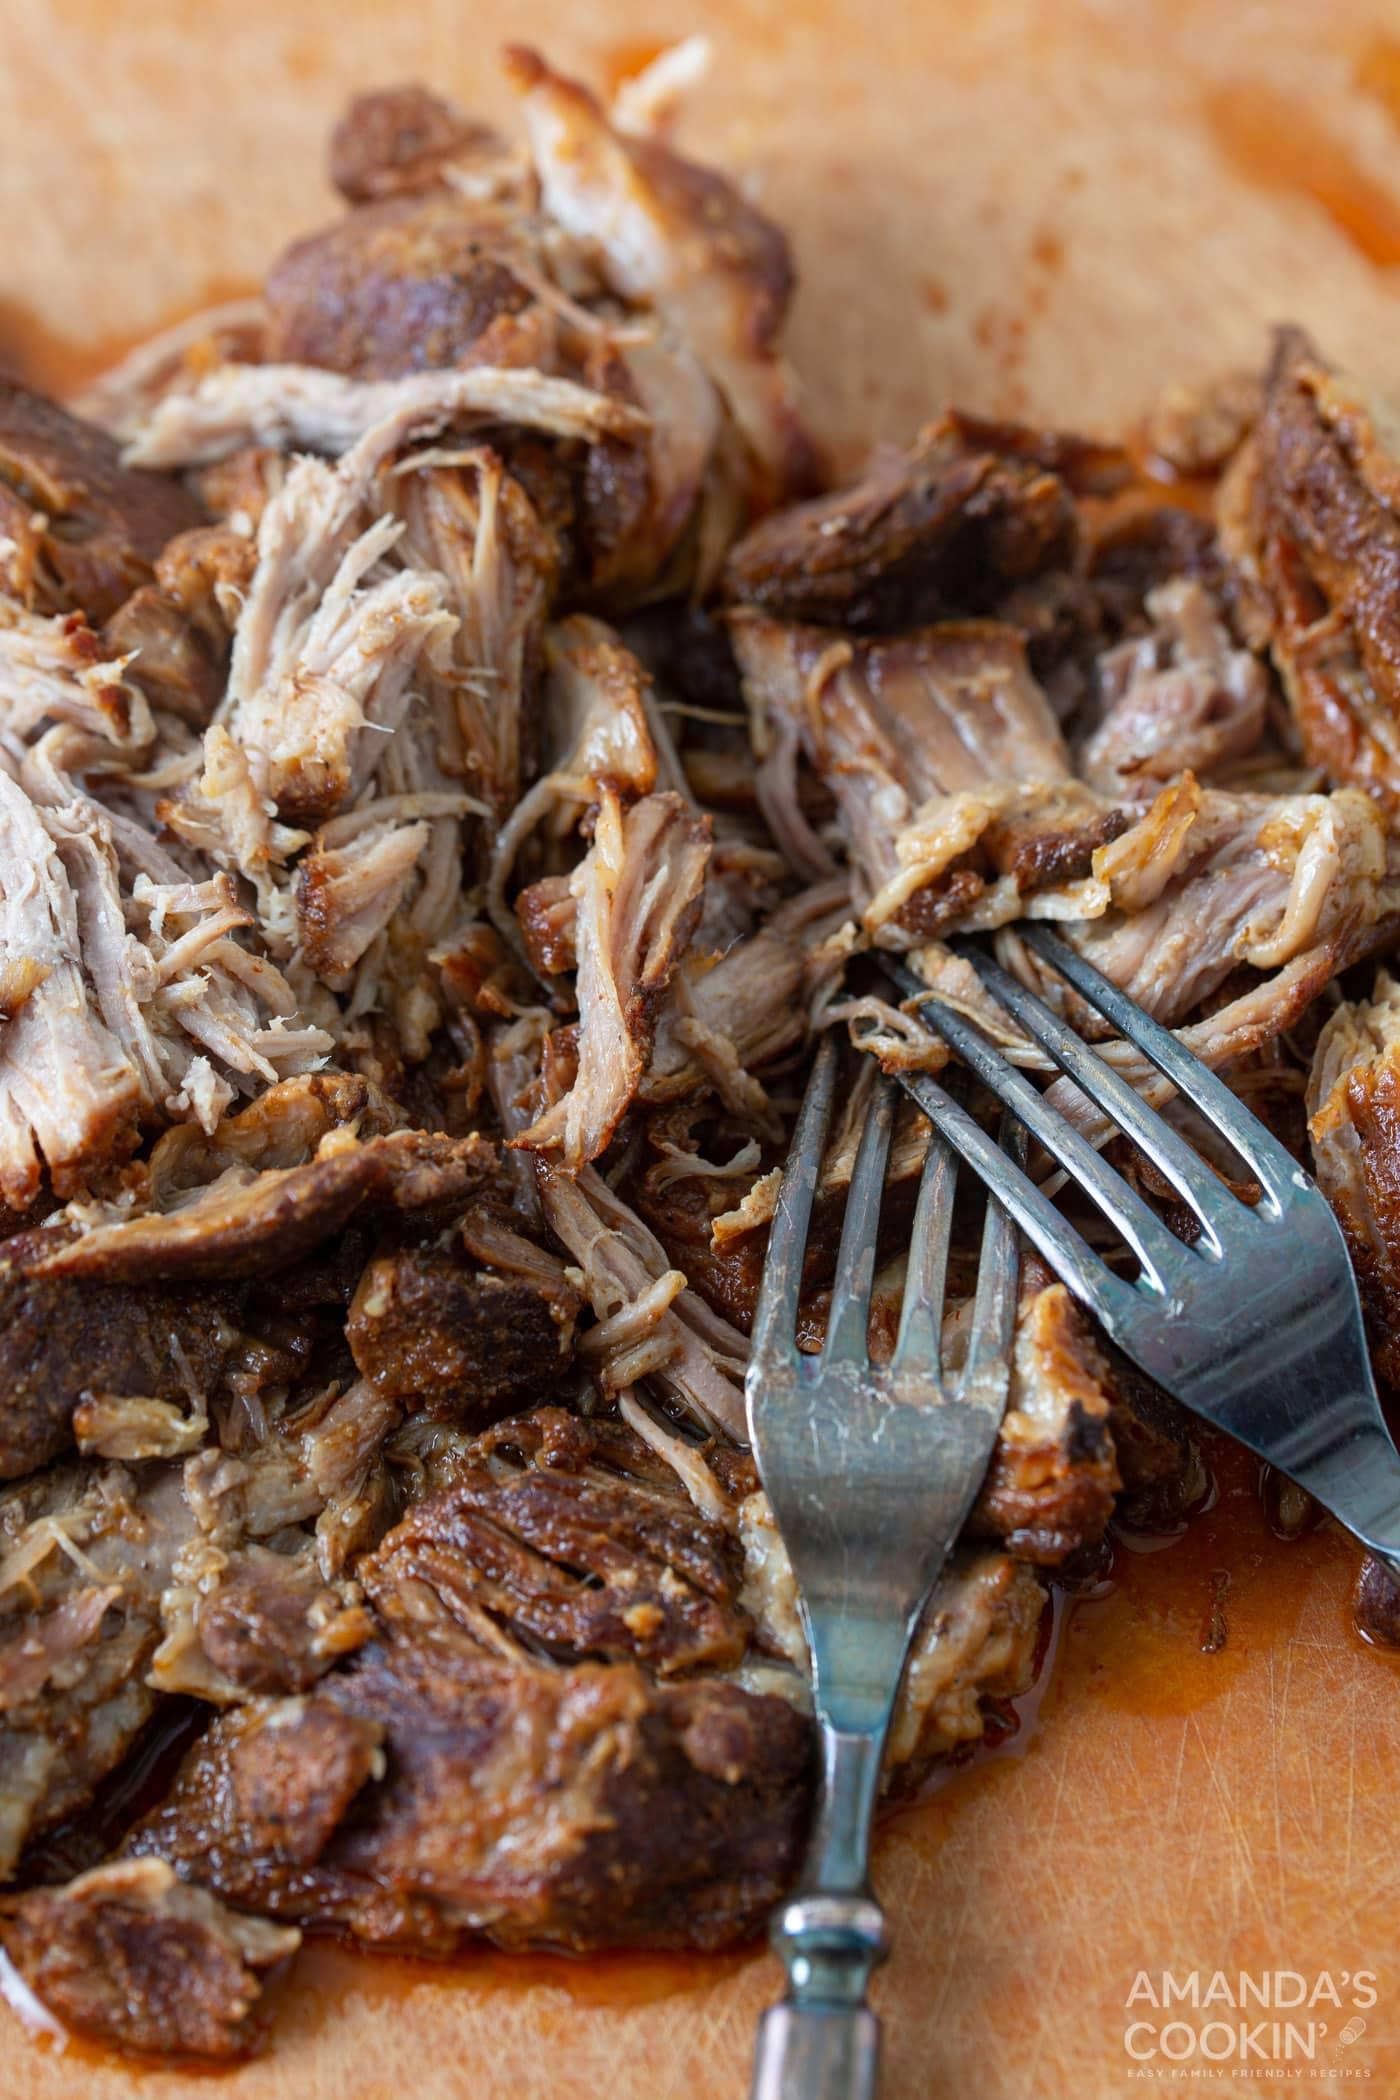 shredding pulled pork with forks